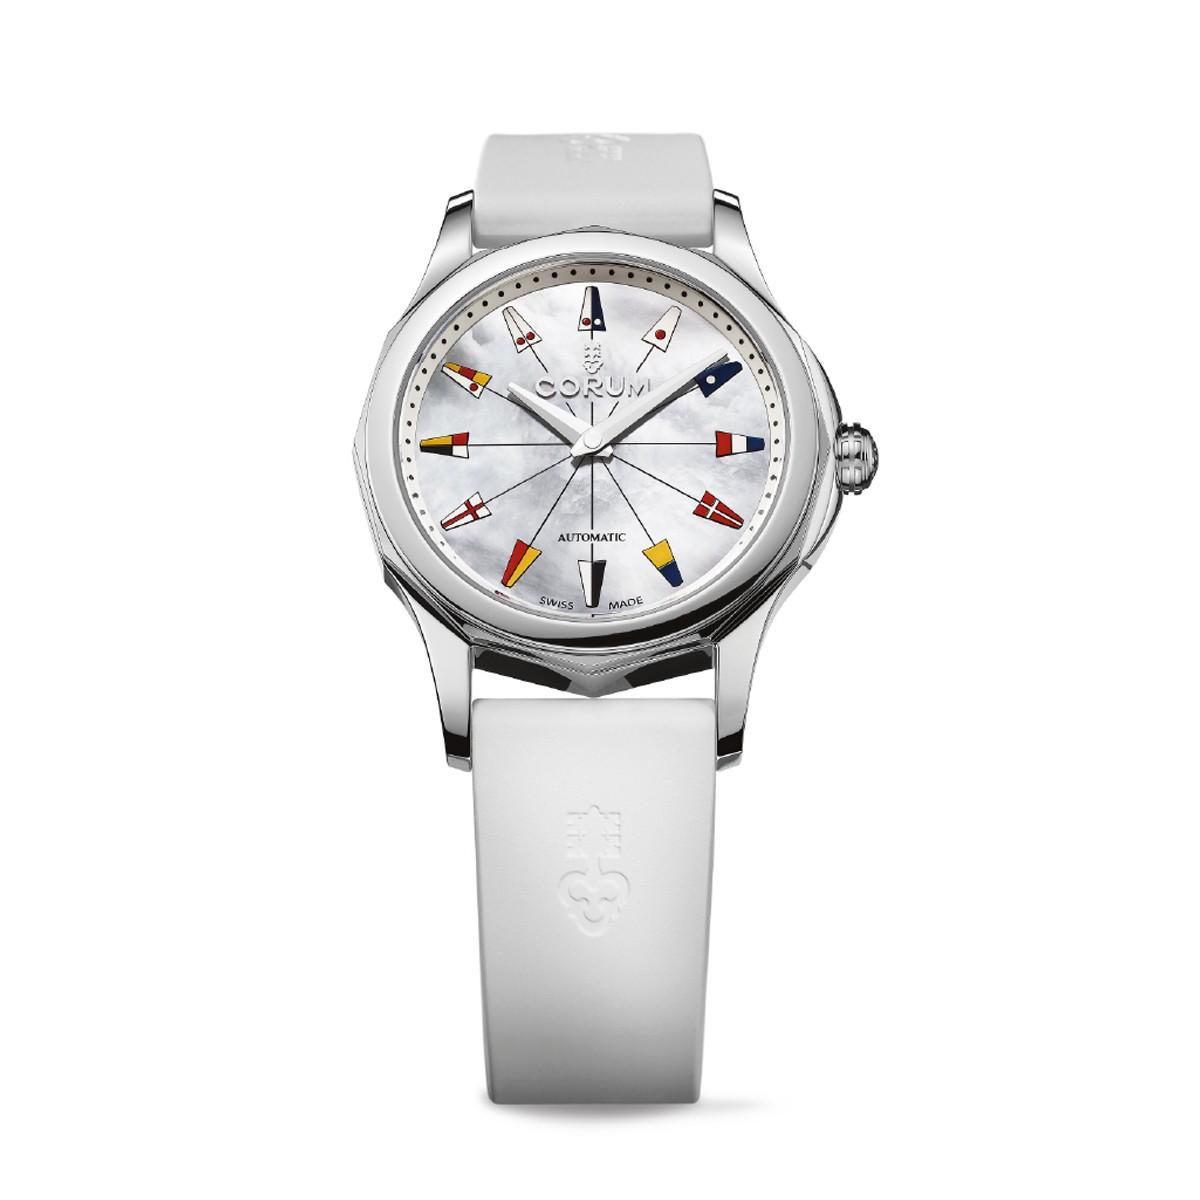 Produkt AdmiralLegend AutomaticrefA Preis